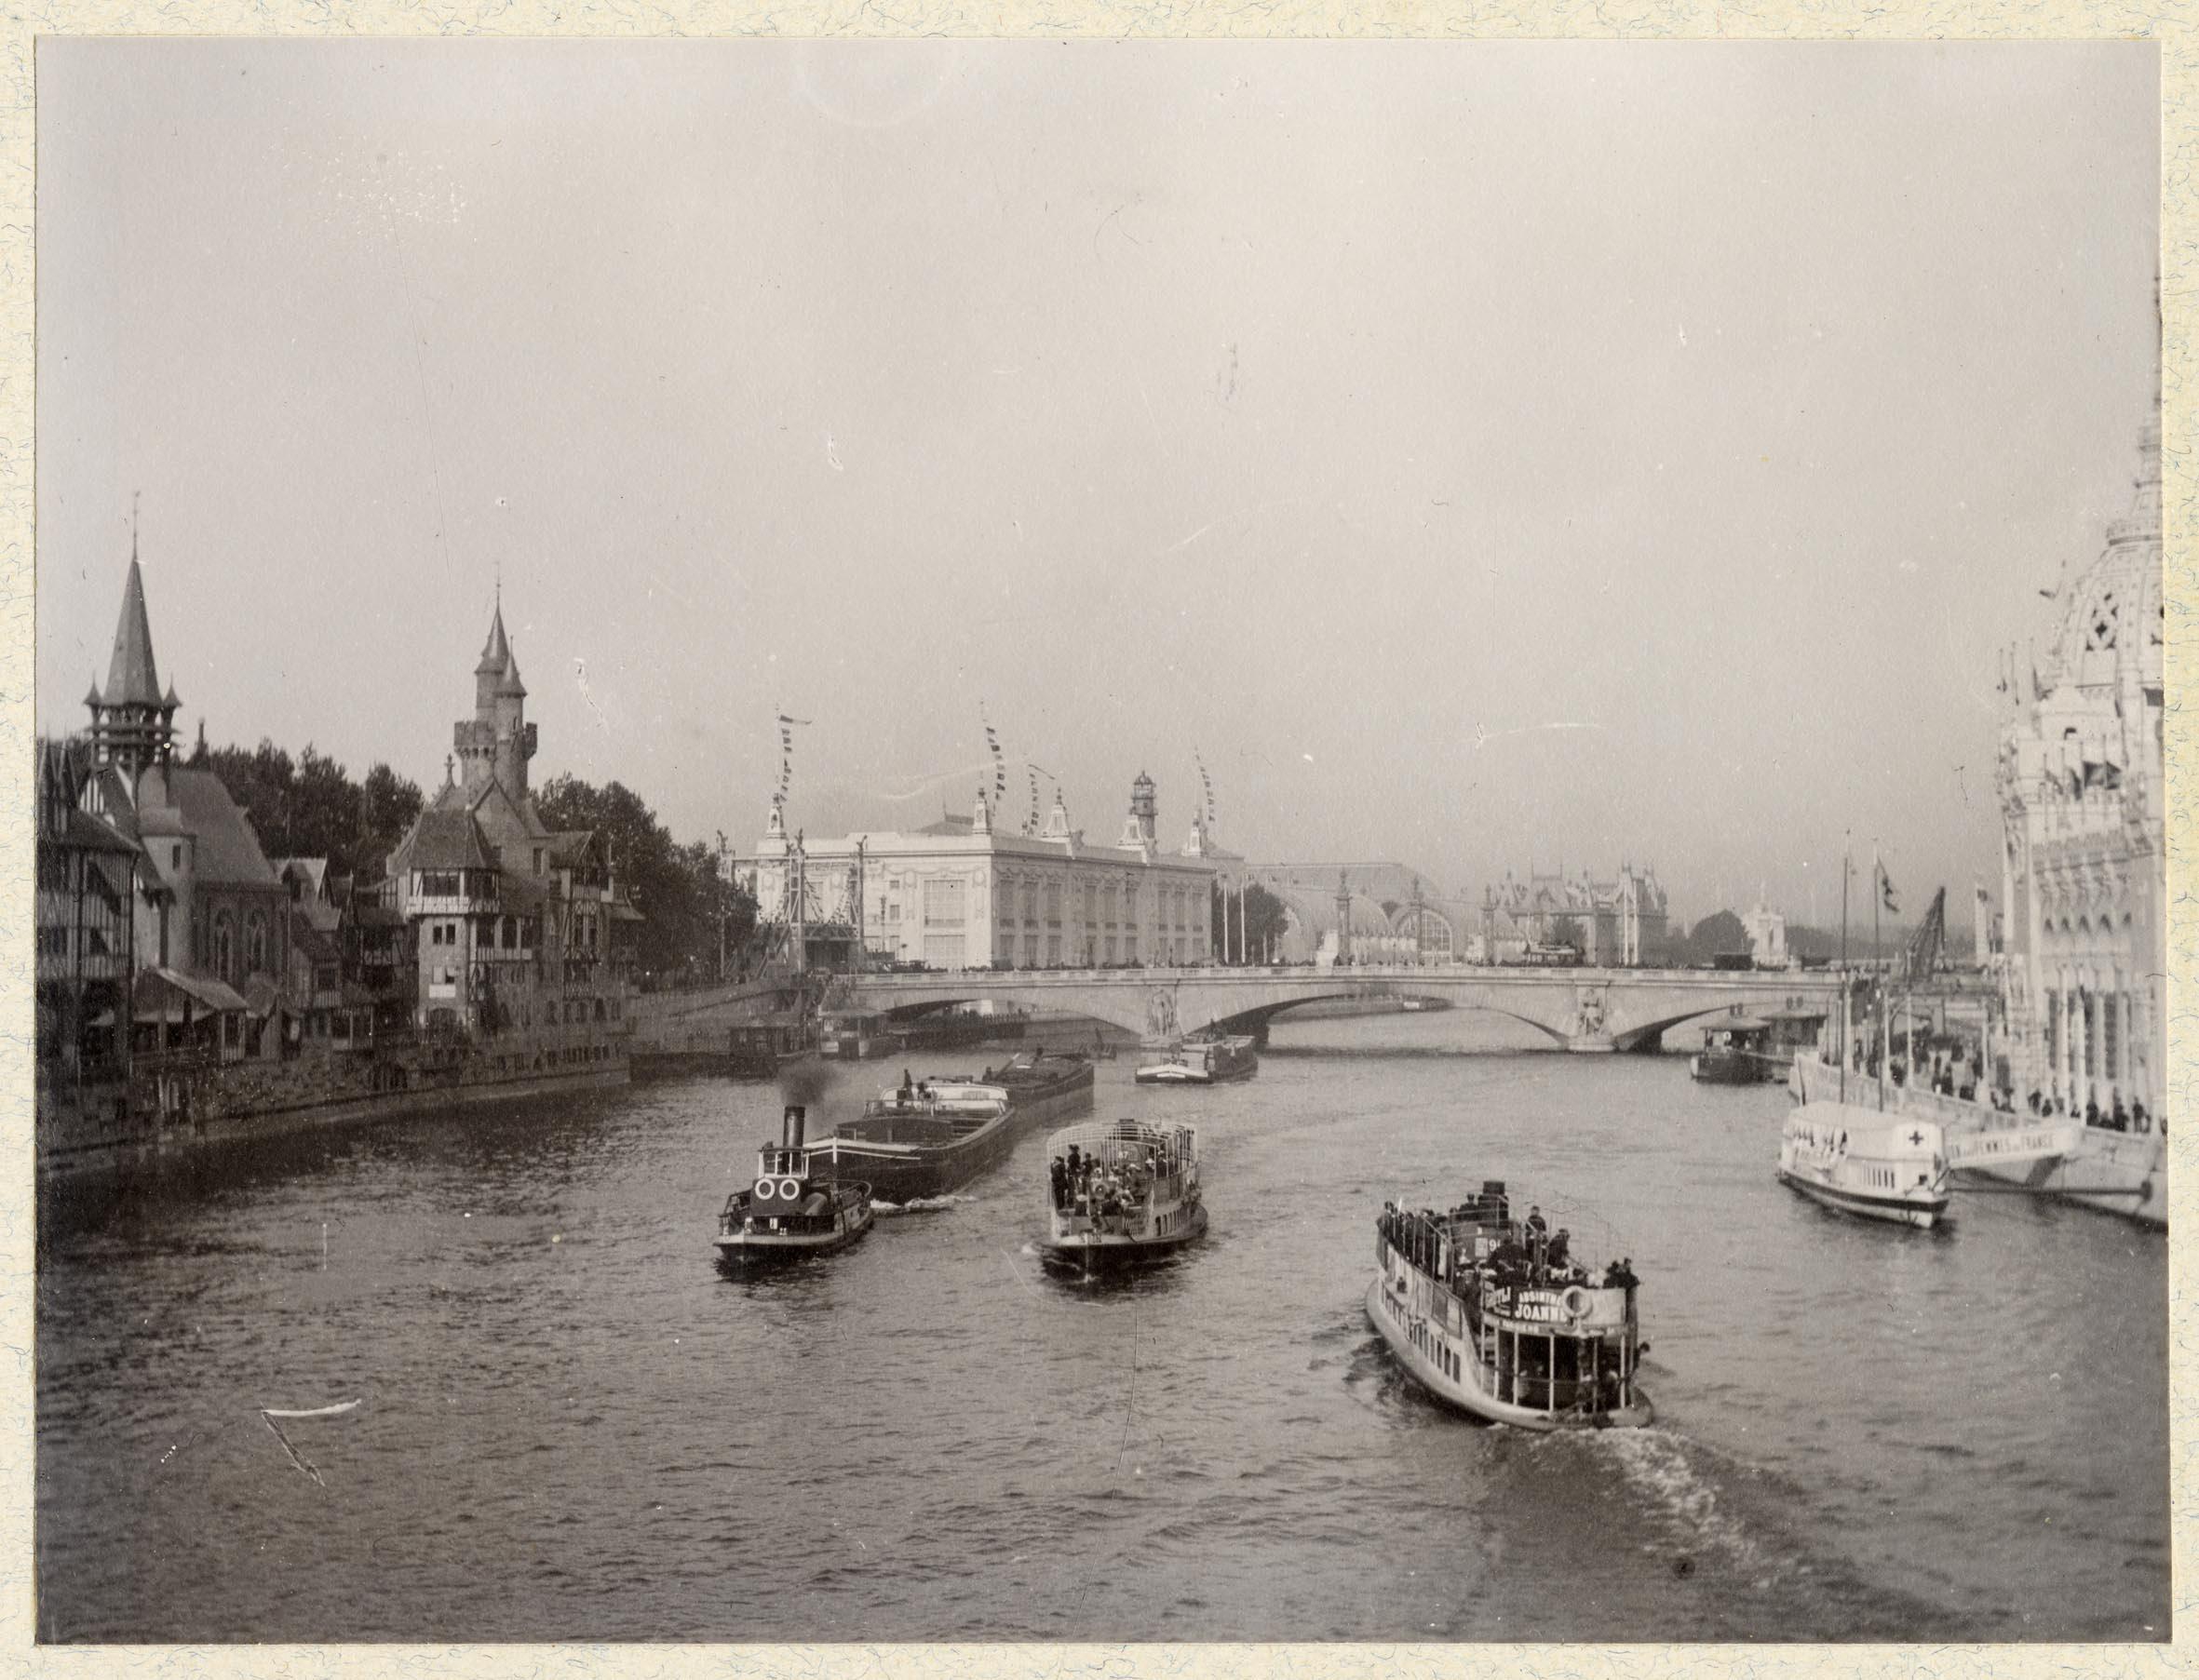 Paris, souvenirs de l'exposition universelle: trafic fluvial sur le Seine